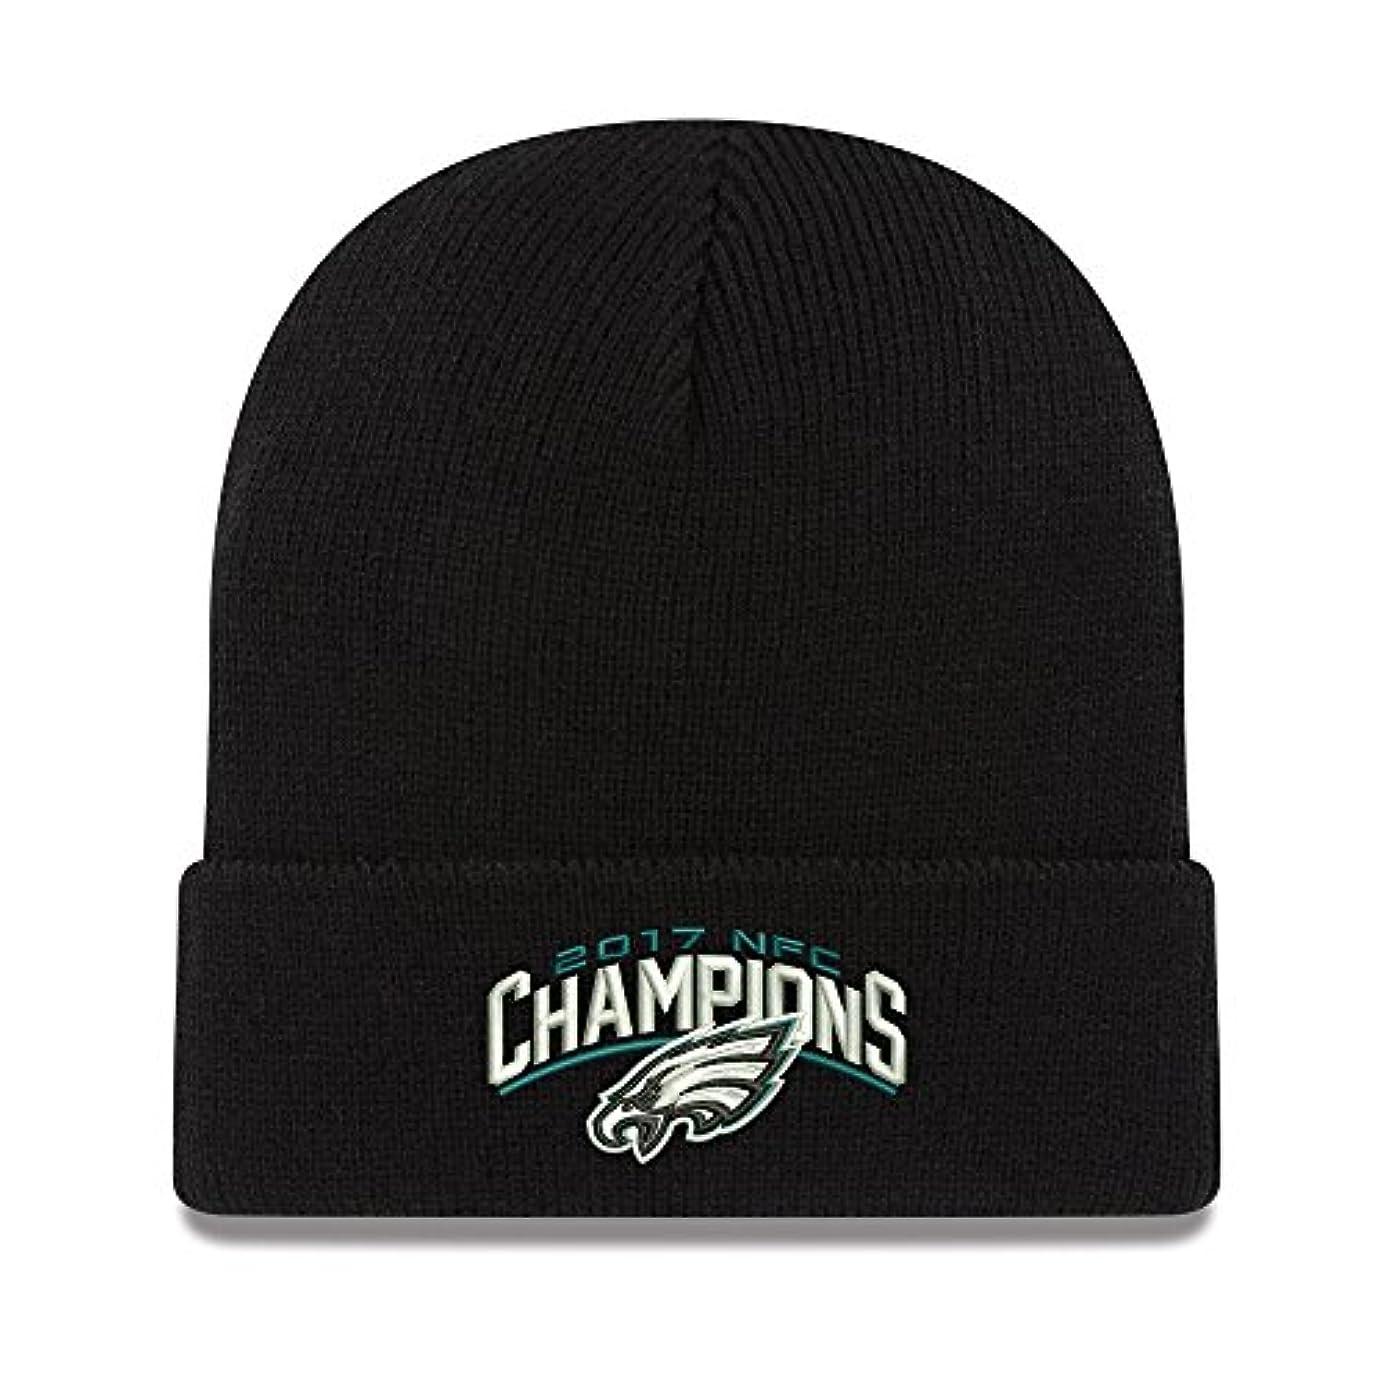 性差別敬なぴかぴかPhiladelphia Eagles新しい時代2017 NFC Champions基本Cuffedニット帽子ブラック